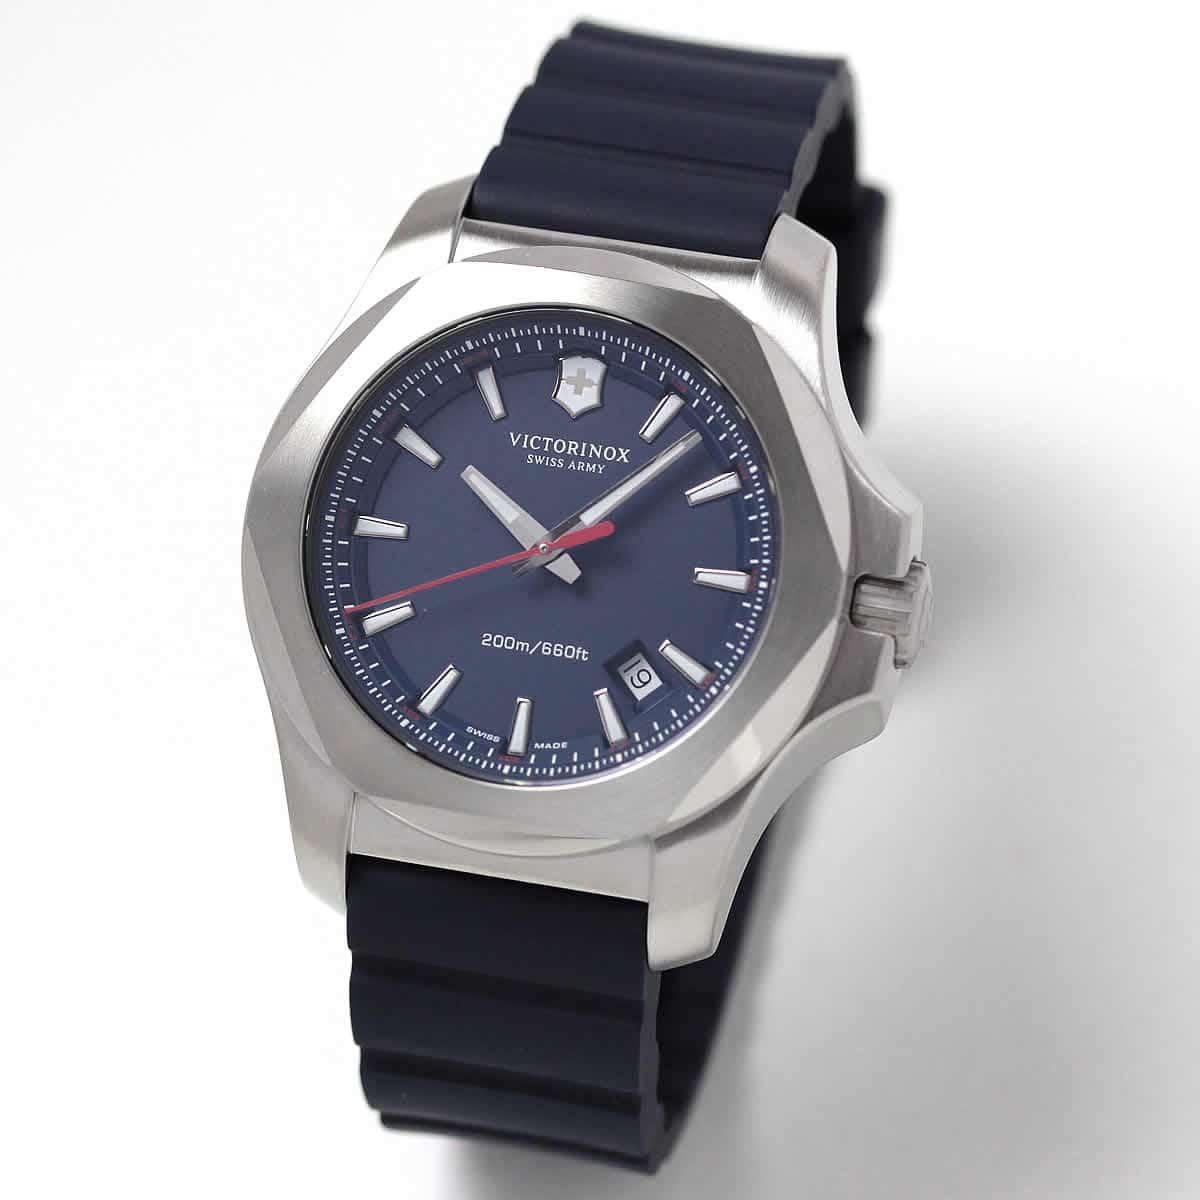 ビクトリノックススイスアーミー I.N.O.X. (イノックス) ラバーベルト/ブルー 241688.1 腕時計